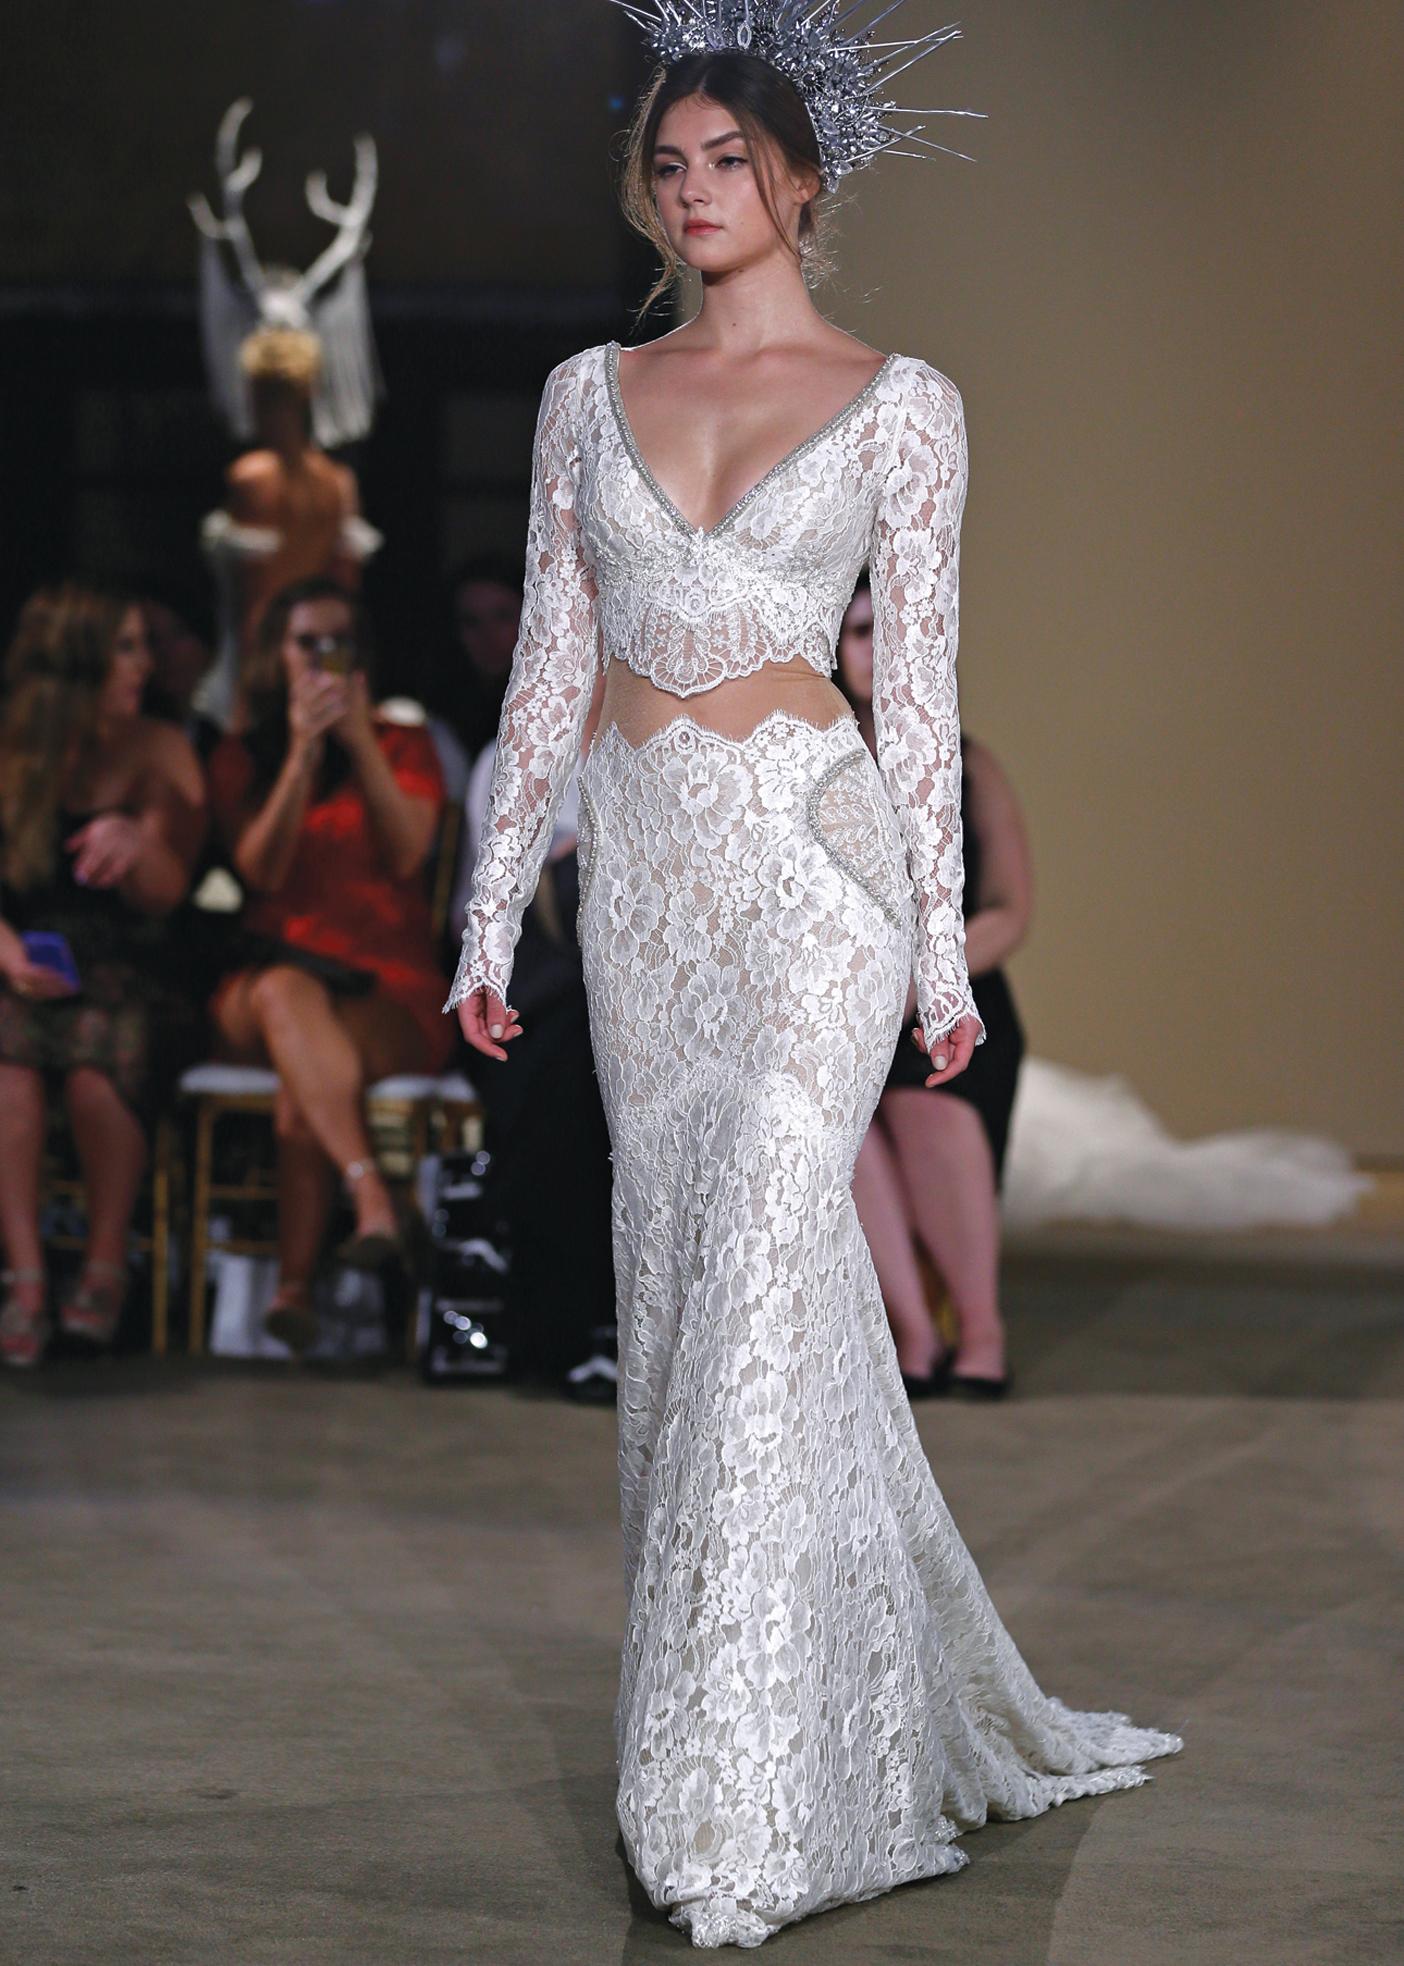 Galia Lahav Avant-Garde Mermaid Long Sleeve Wedding Gown